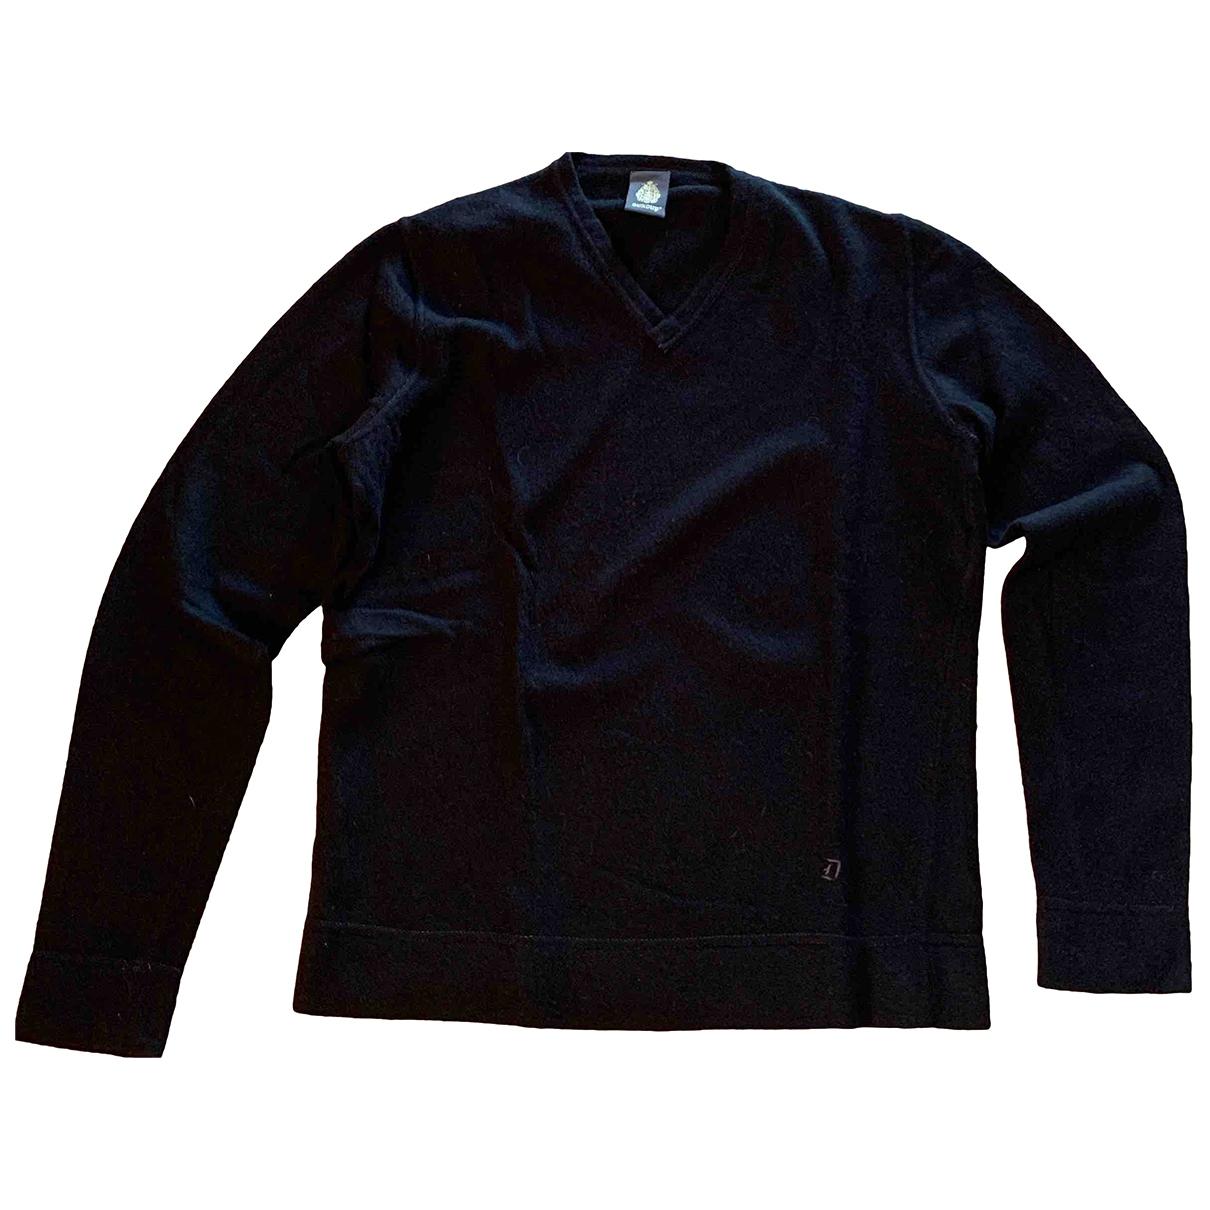 Dondup - Pulls.Gilets.Sweats   pour homme en laine - noir